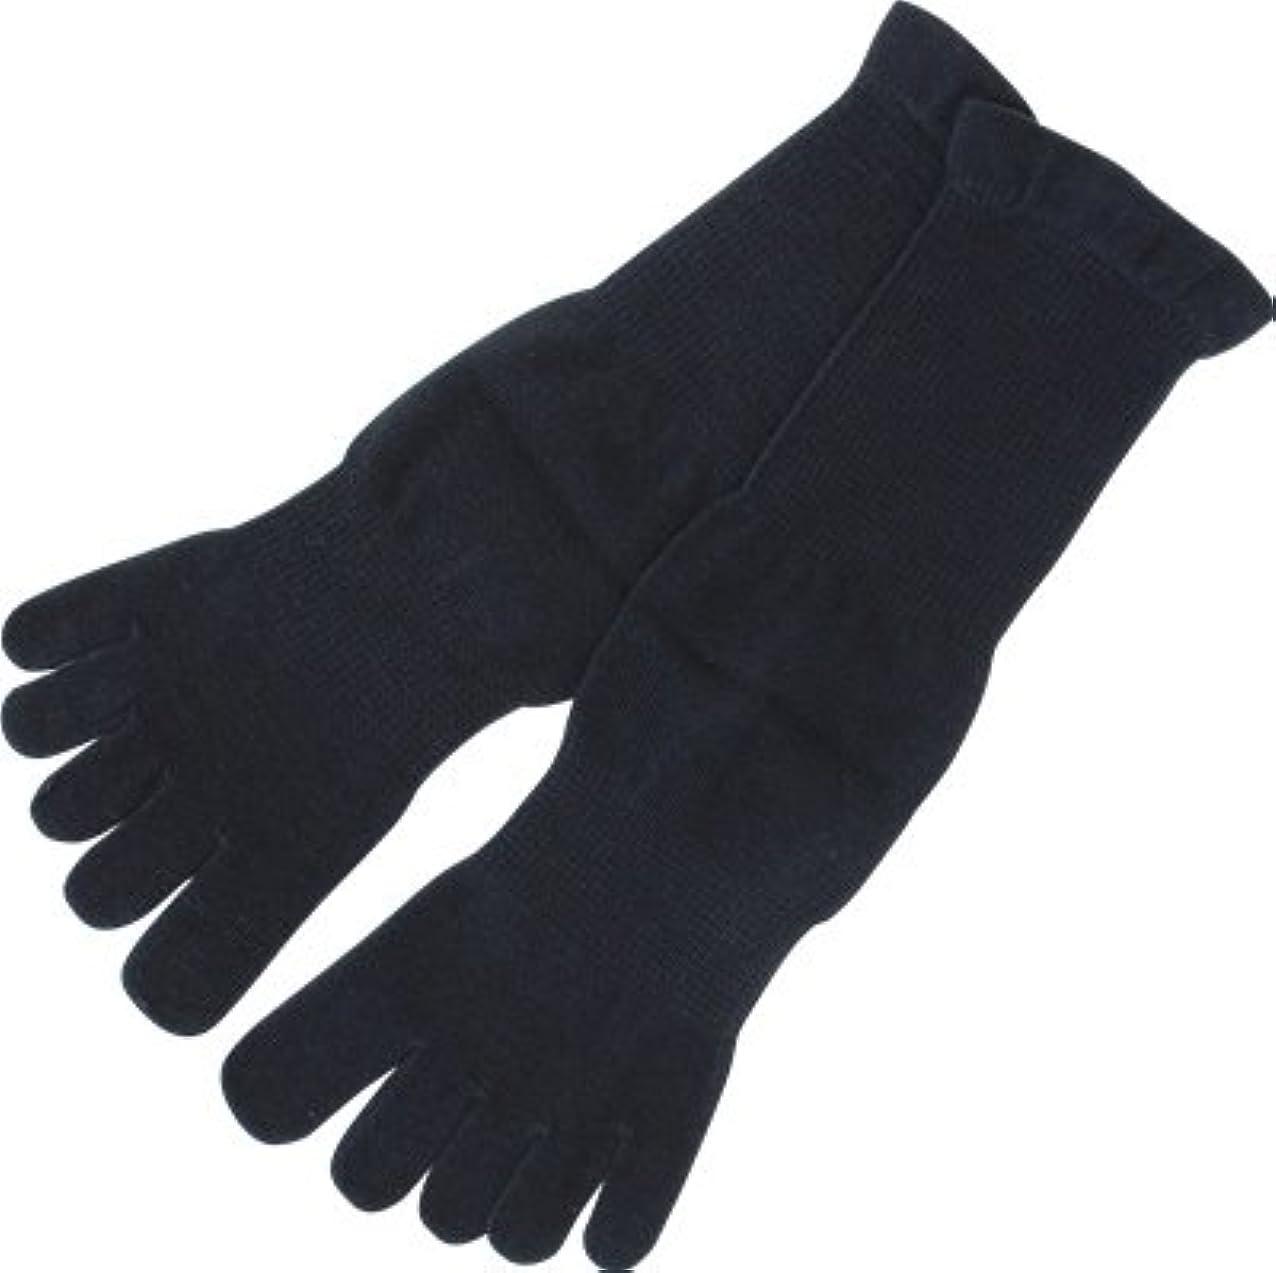 直面する世界に死んだトレッドフォロイング オーガニックコットン 裏糸なし5本指薄手ソックス 黒